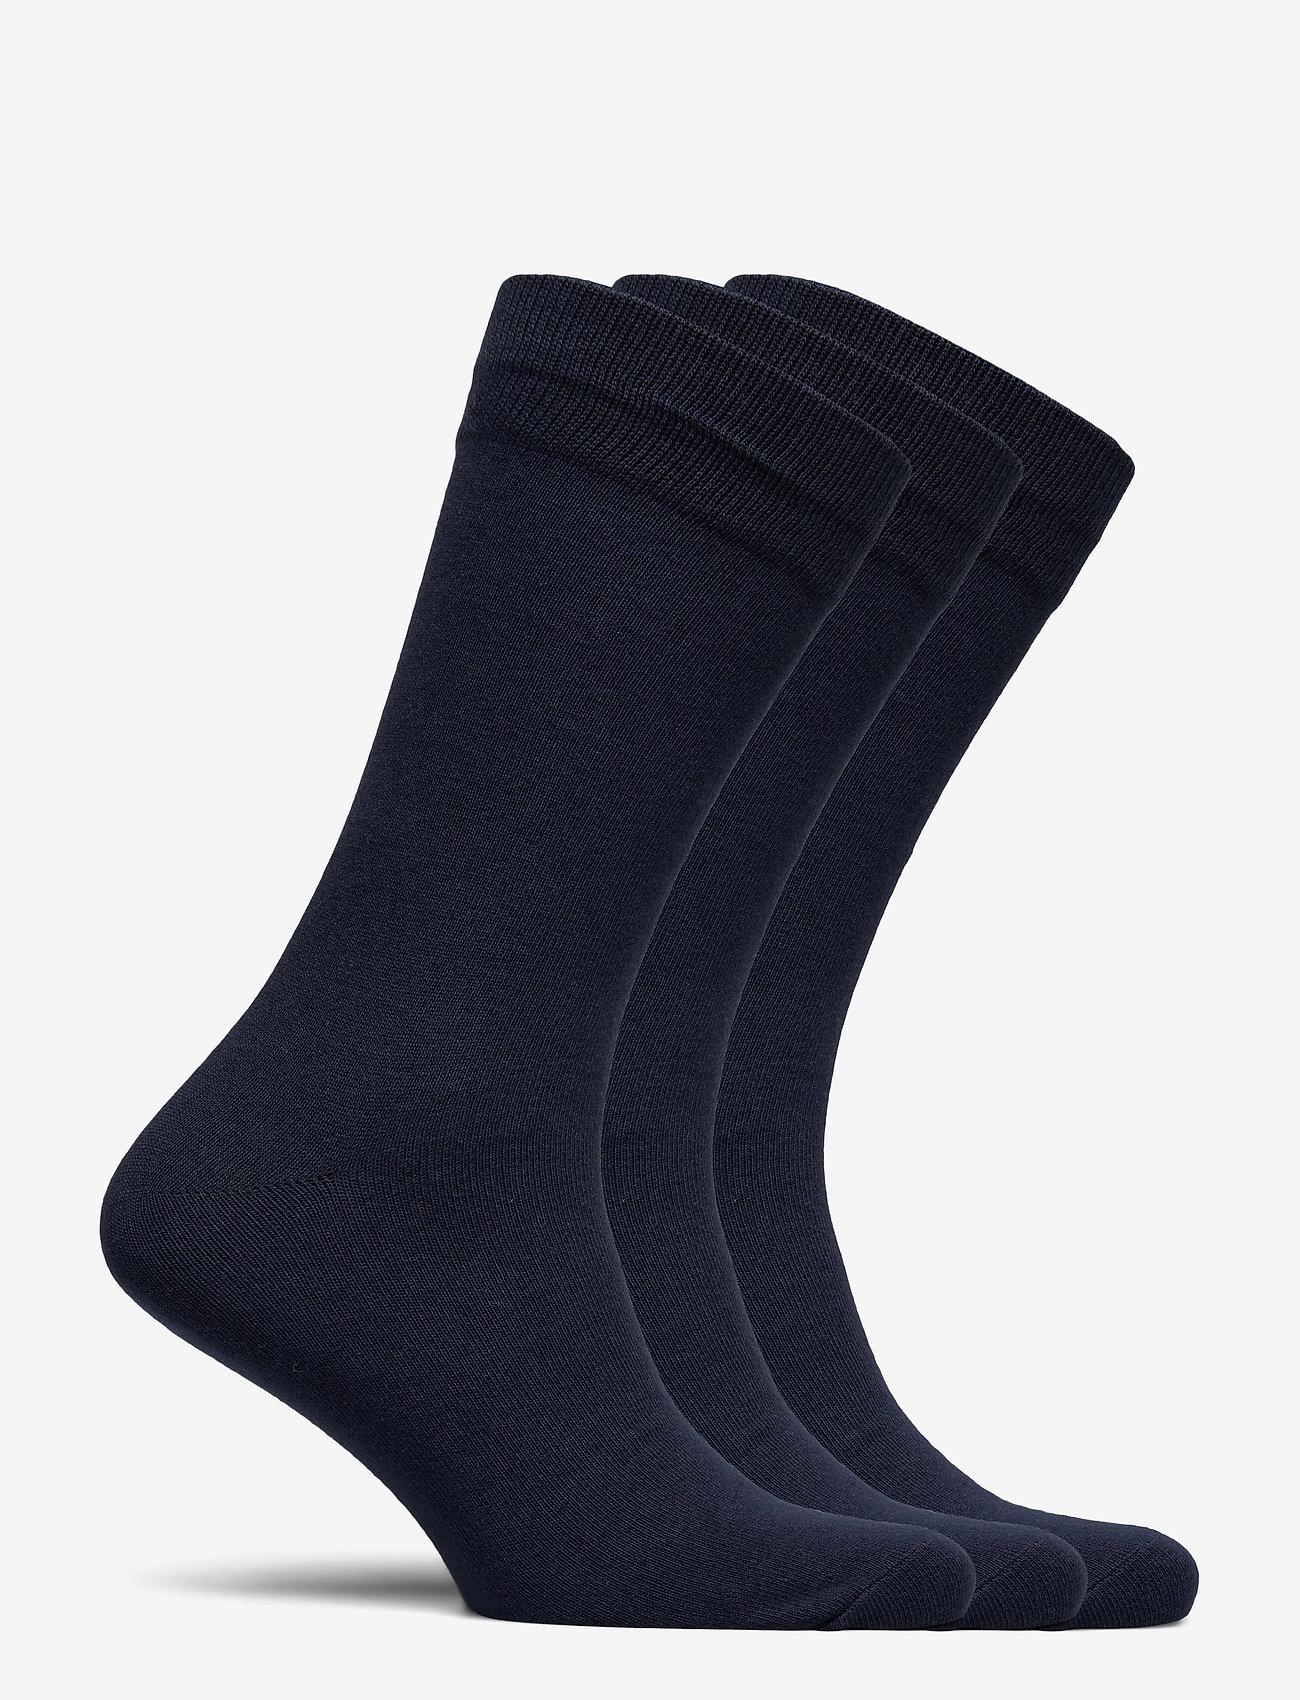 Selected Homme - SLH3-PACK COTTON SOCK - chaussettes régulières - navy blazer - 1